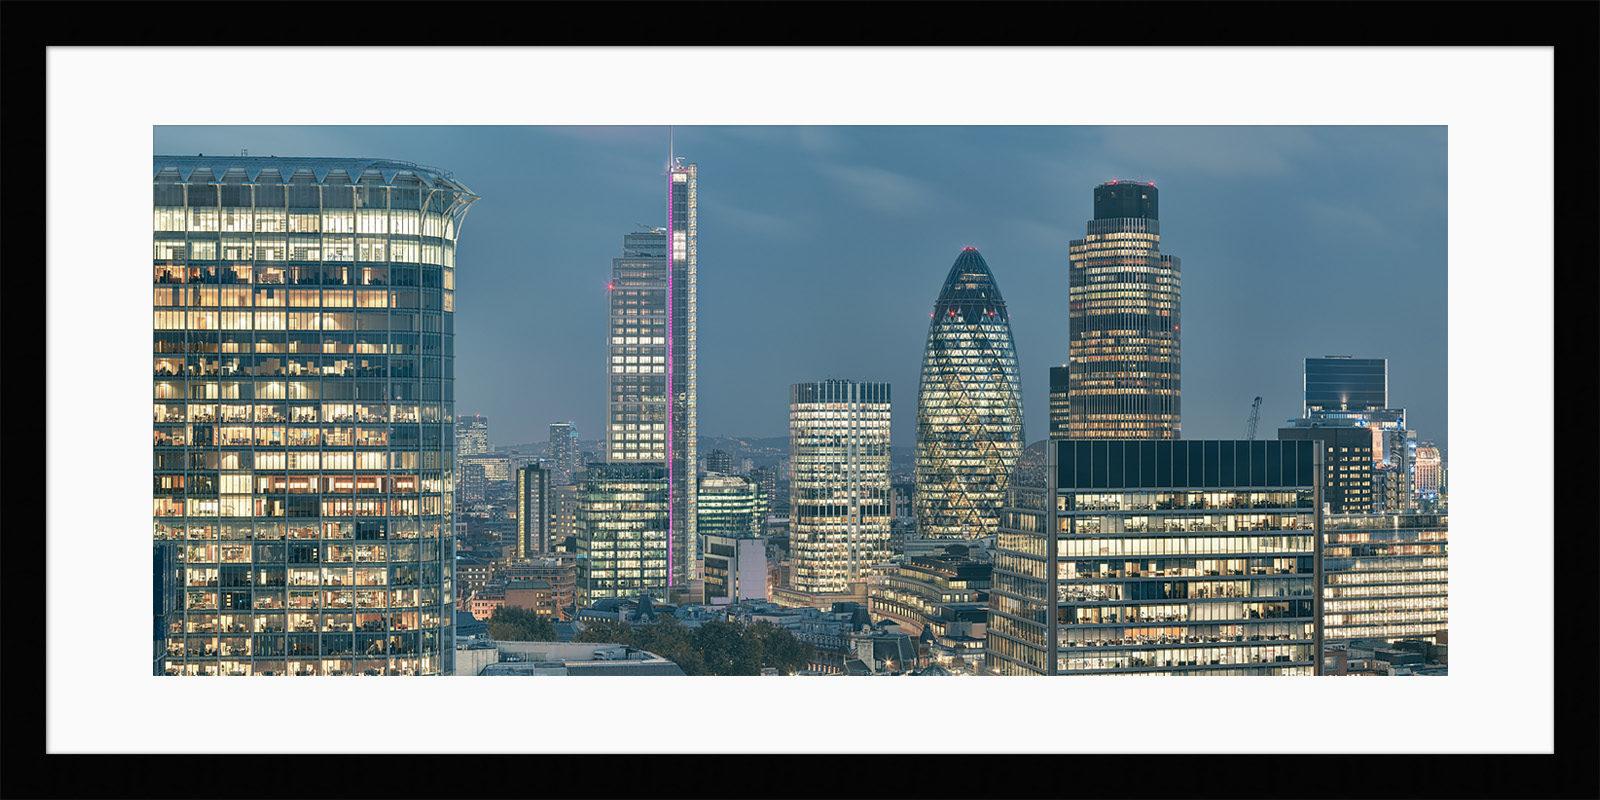 Nautical Twilight - Framed London Photo